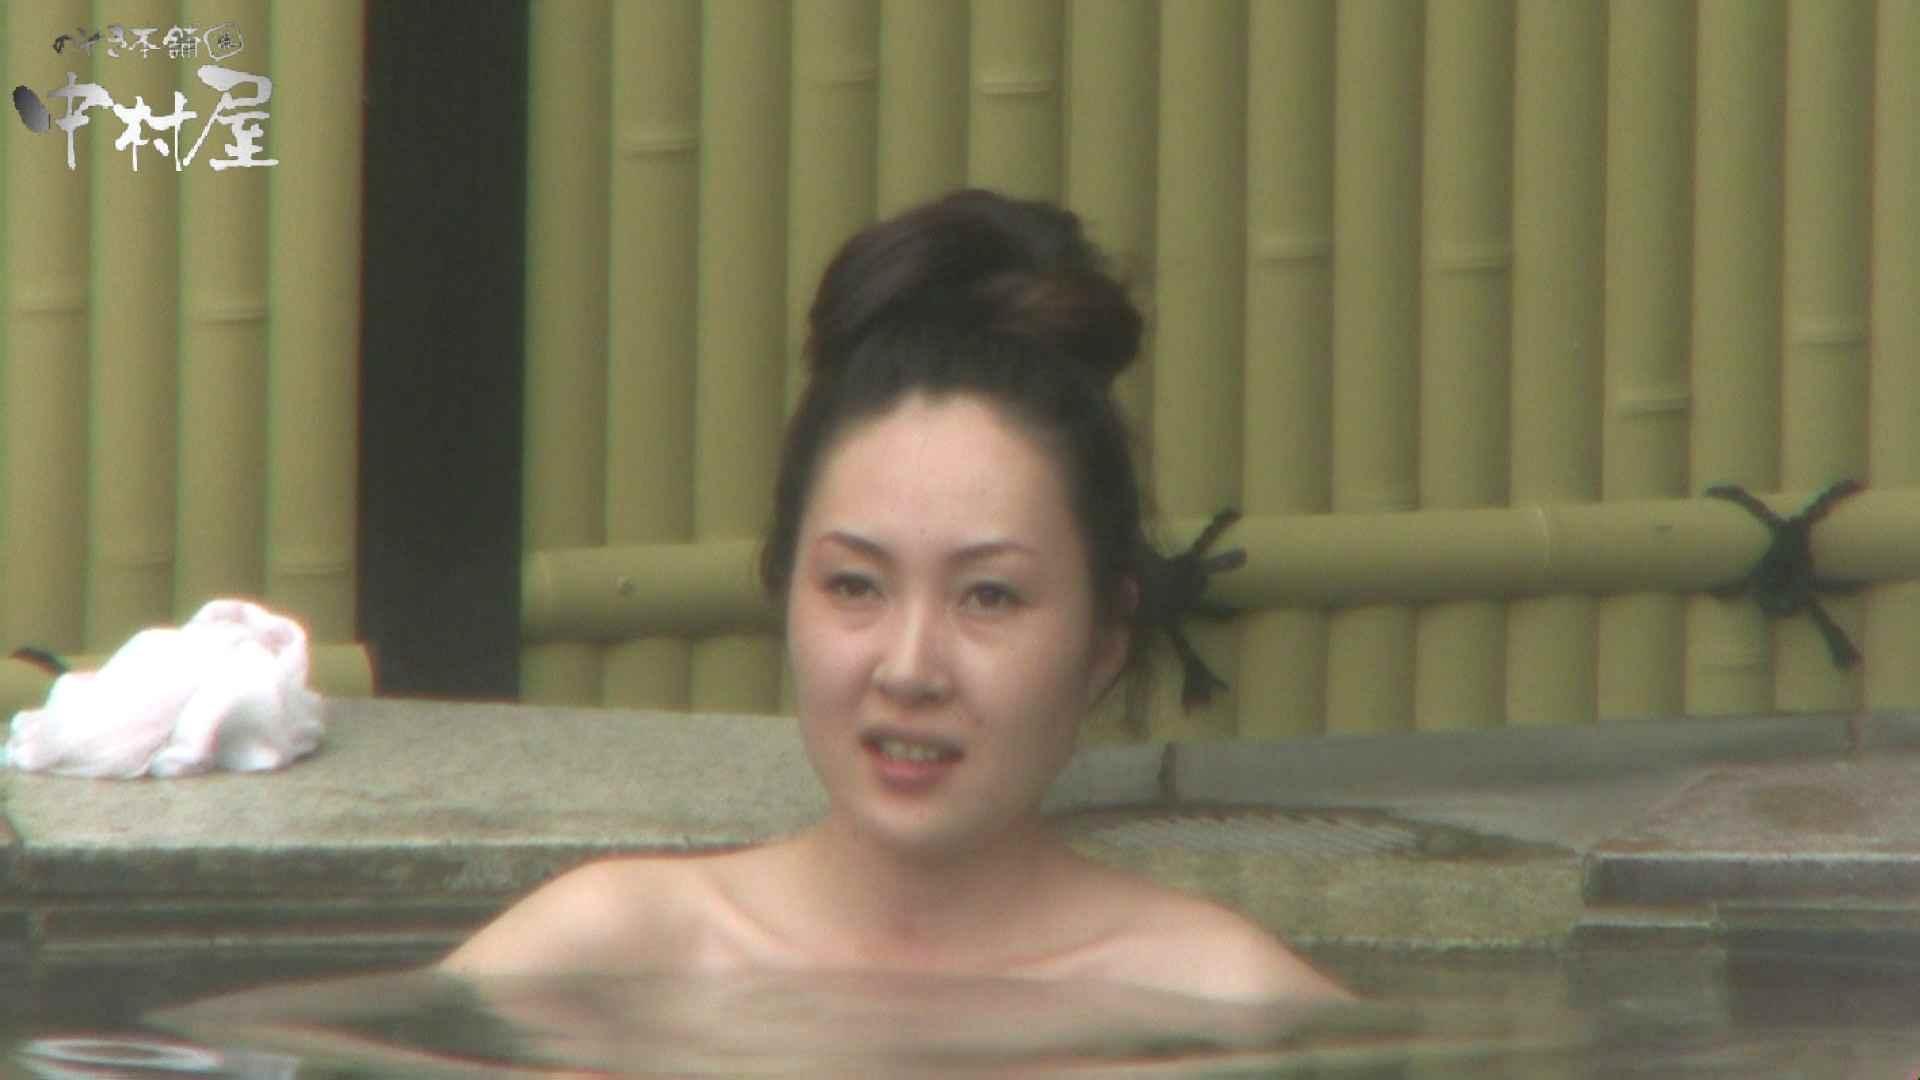 Aquaな露天風呂Vol.956 露天風呂  10枚 4